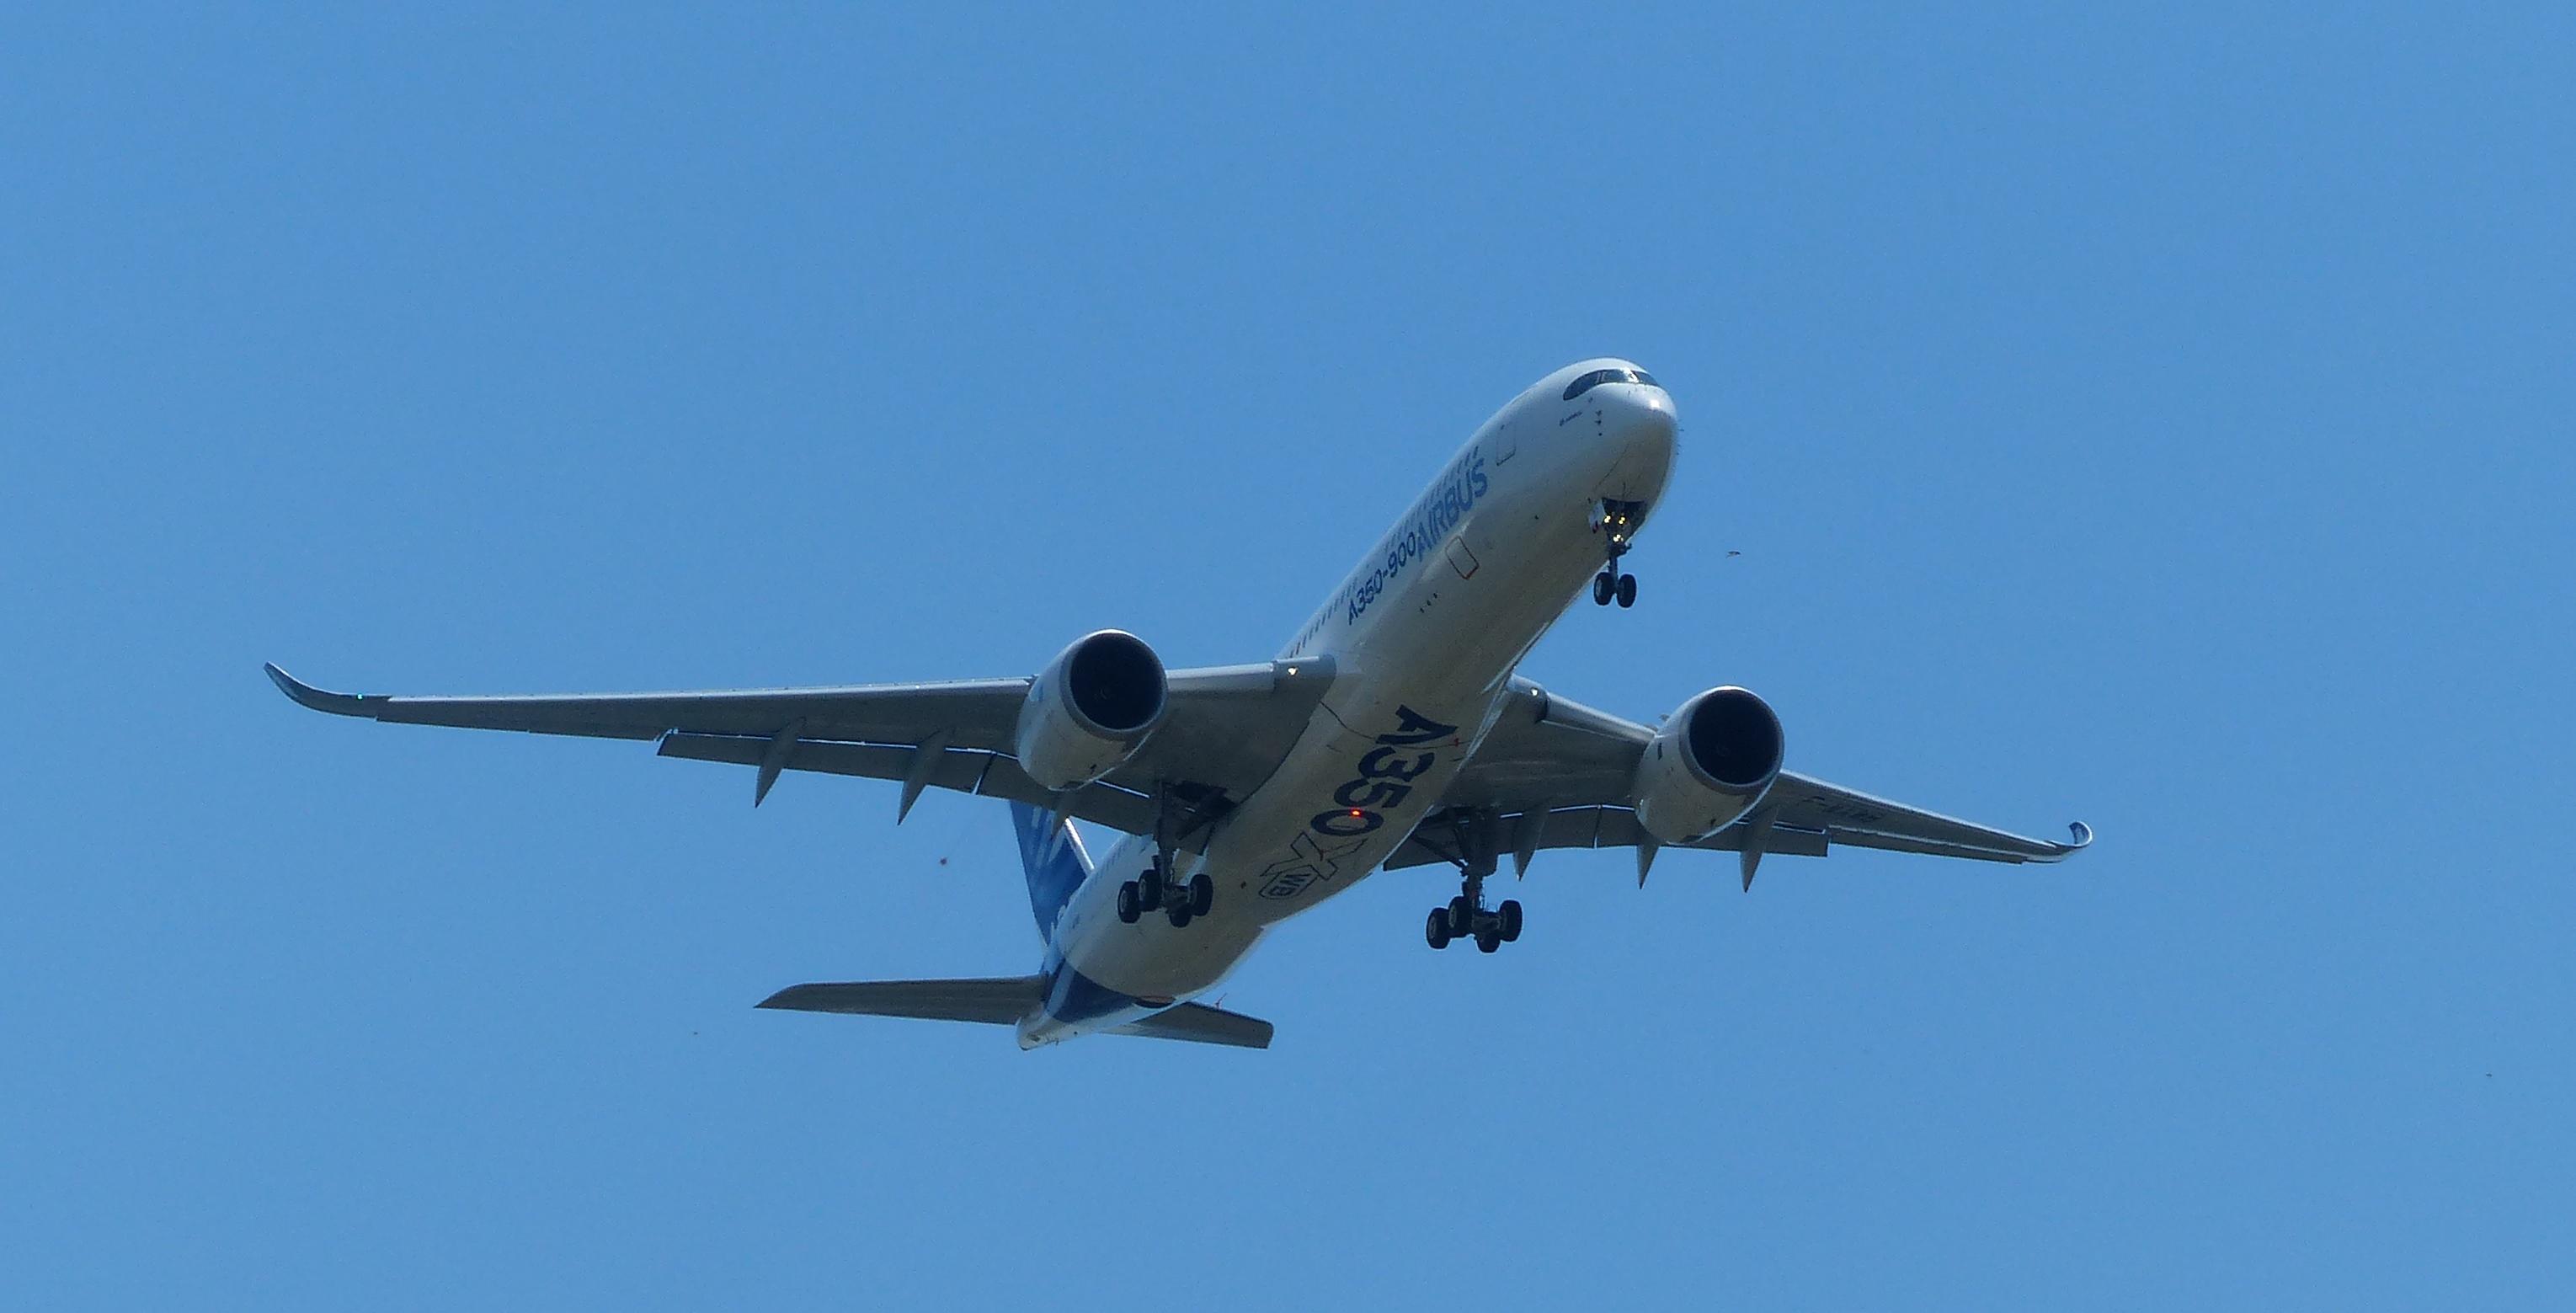 [14/06/2013] Aéroport Toulouse-Blagnac (LFBO): 1er Vol de l'Airbus A350 XWB !!! 146250P1010898bis